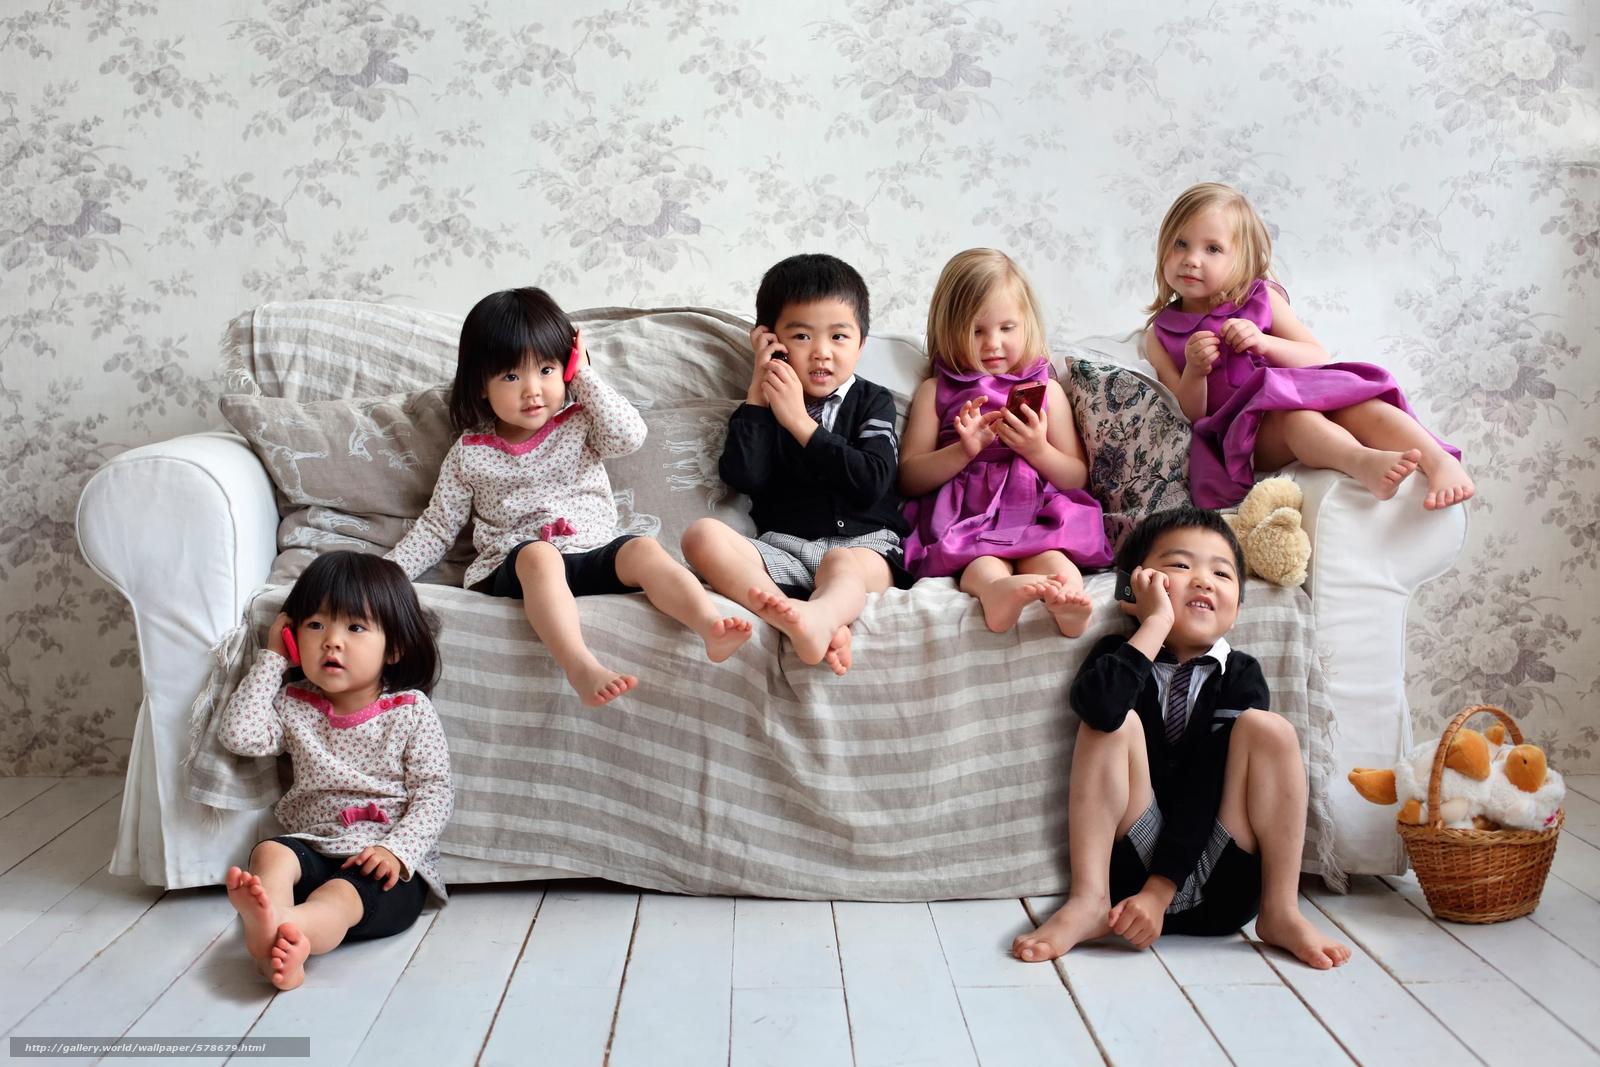 Ґолые мальчики и девочки 11 фотография